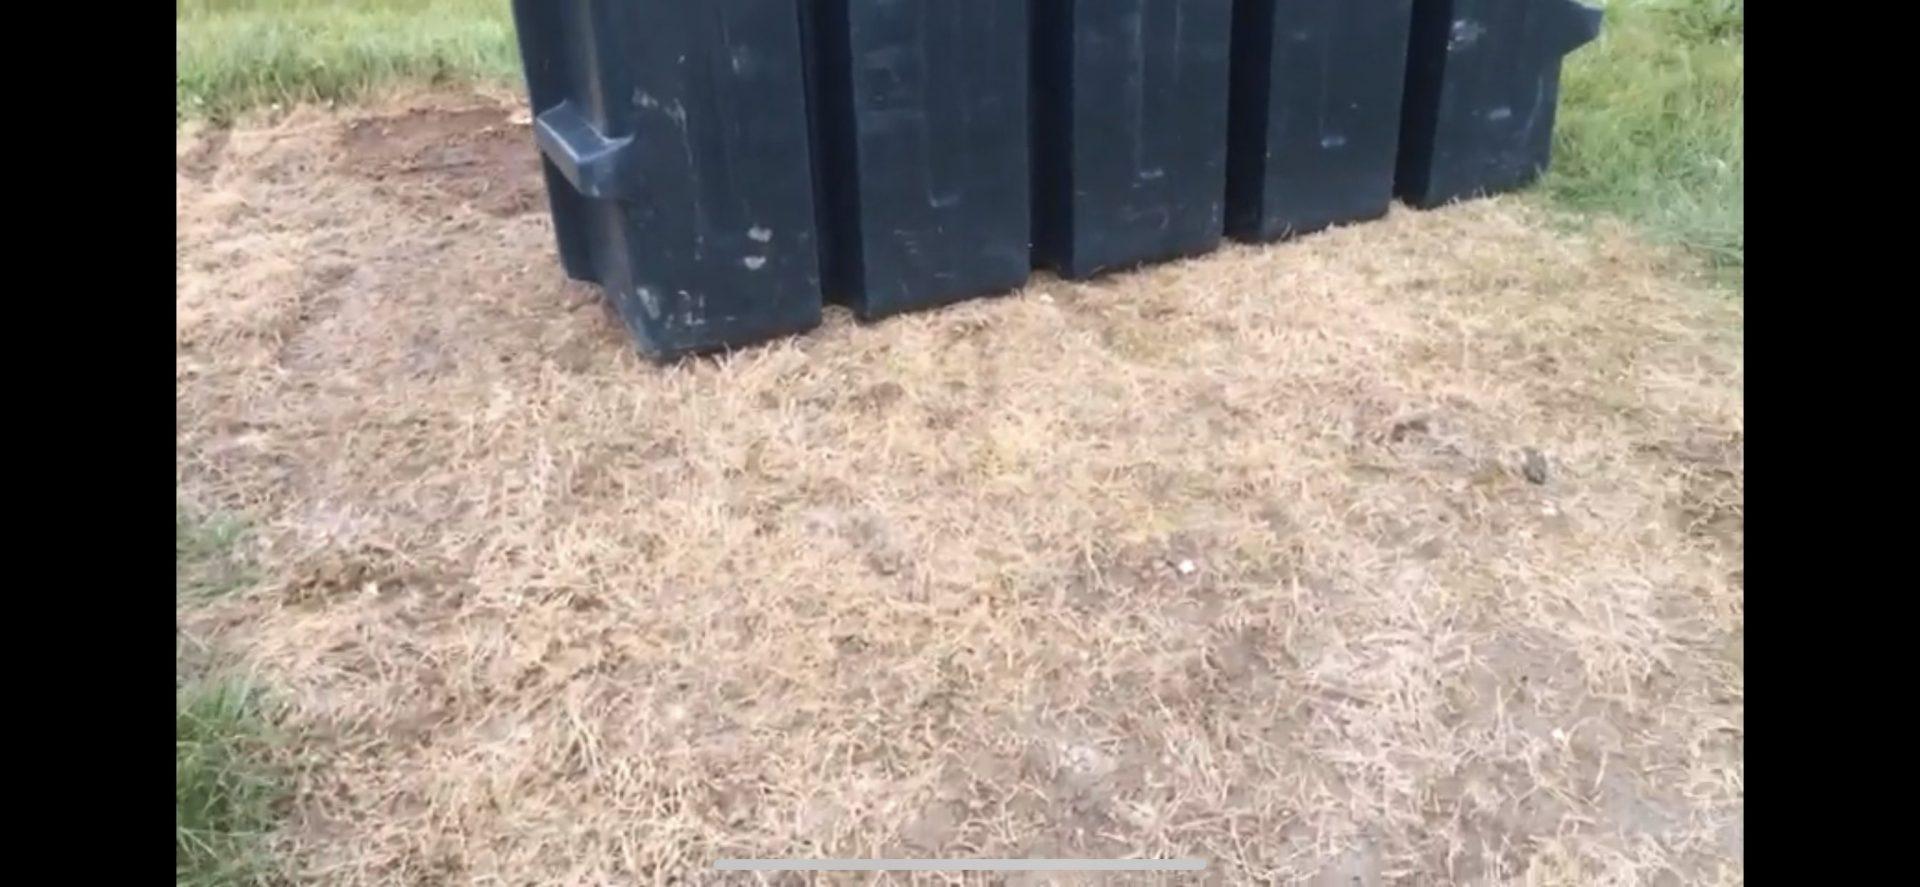 Oil Leak onto lawn